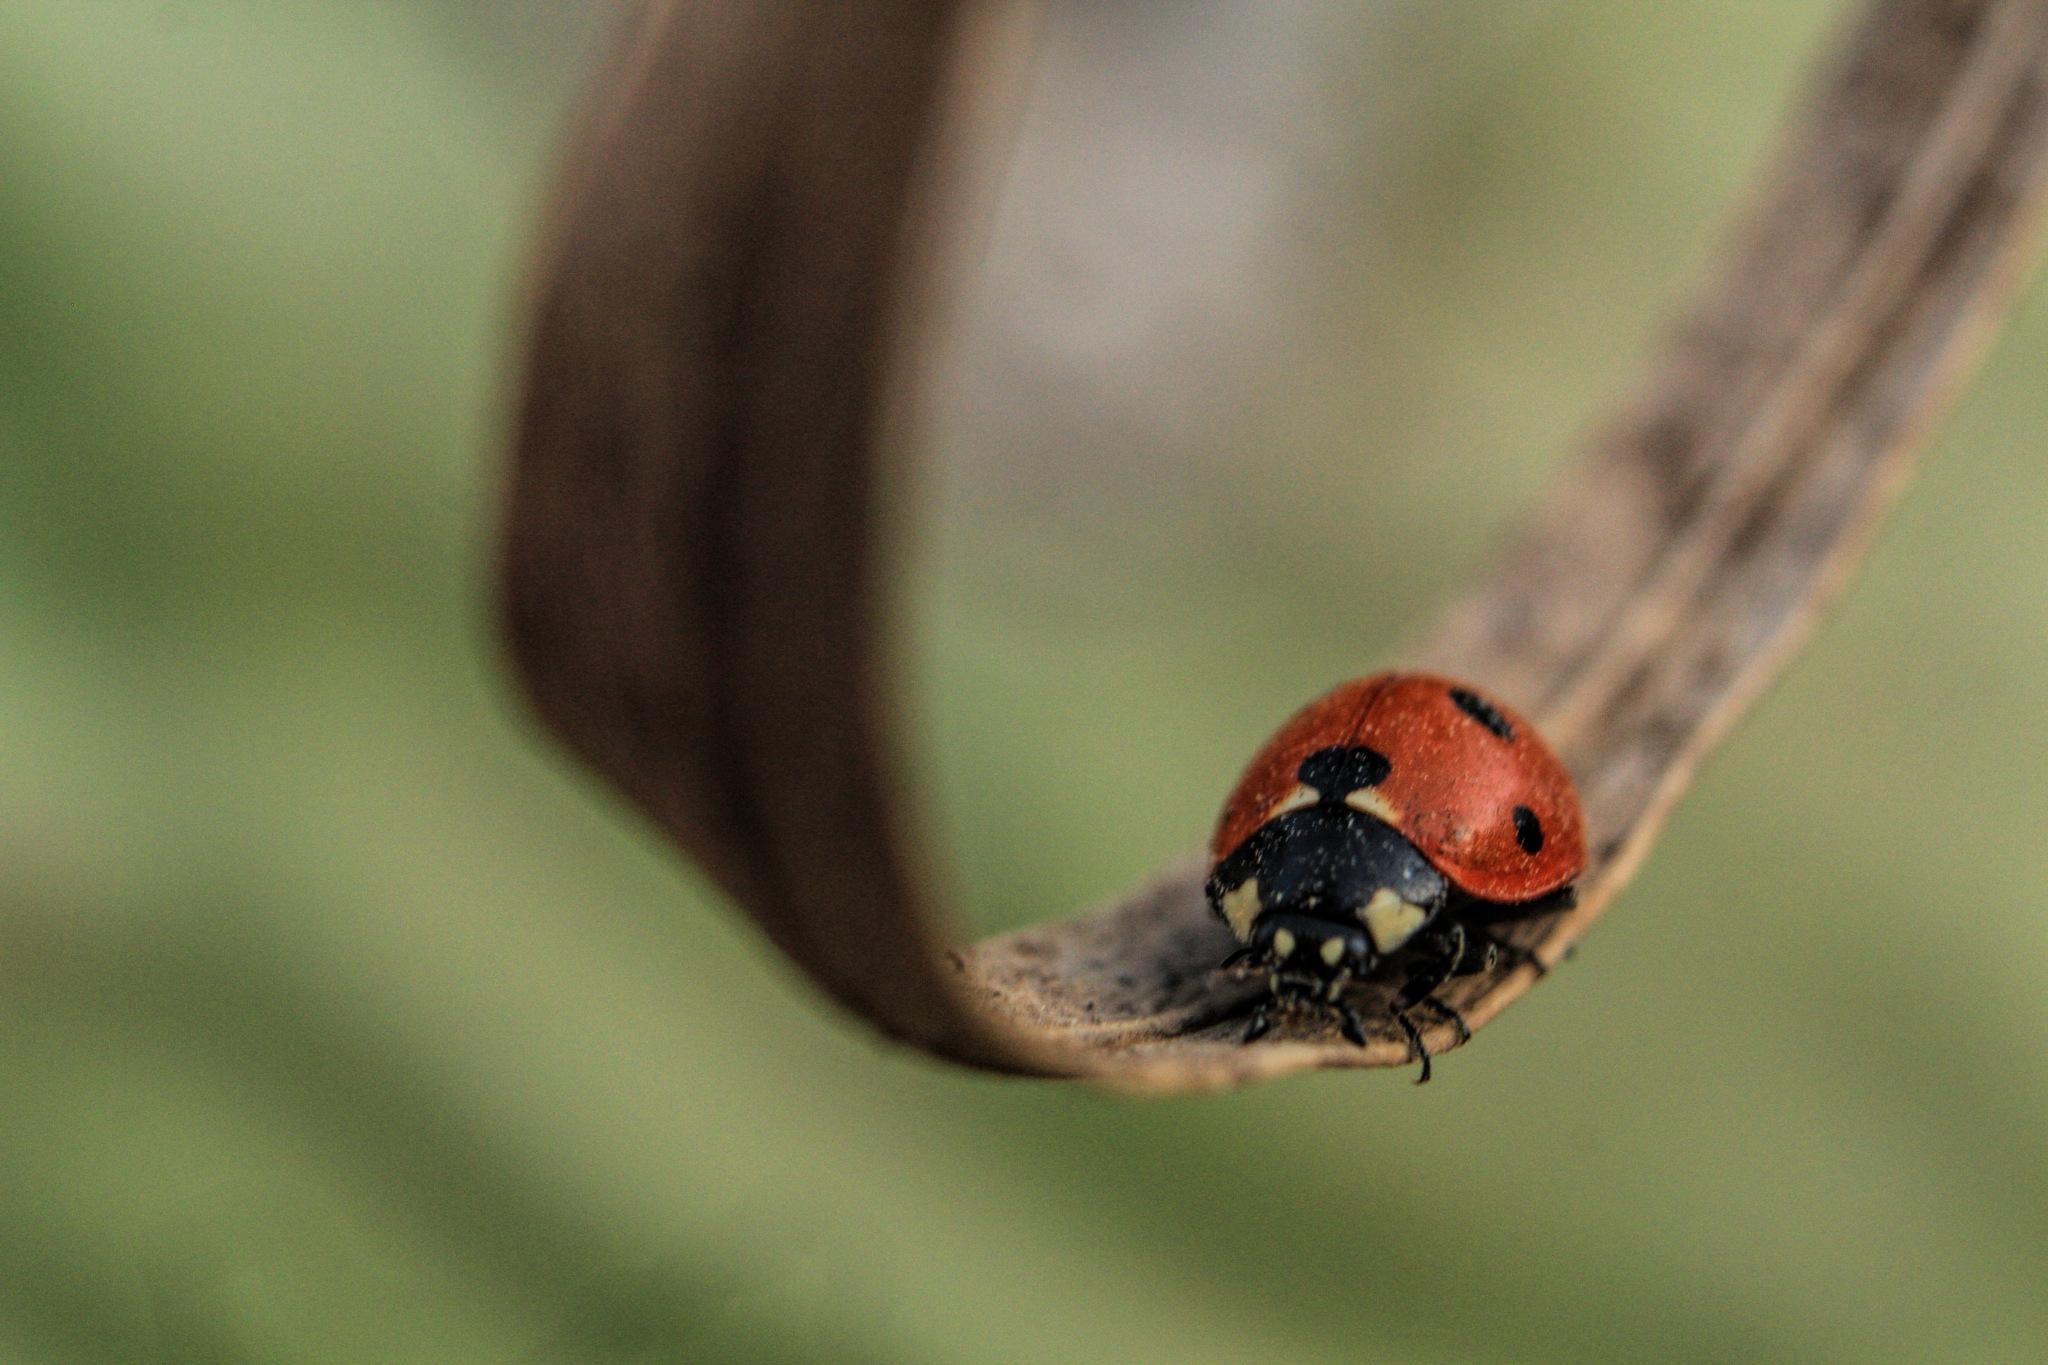 Red beetle by iehabladadwh